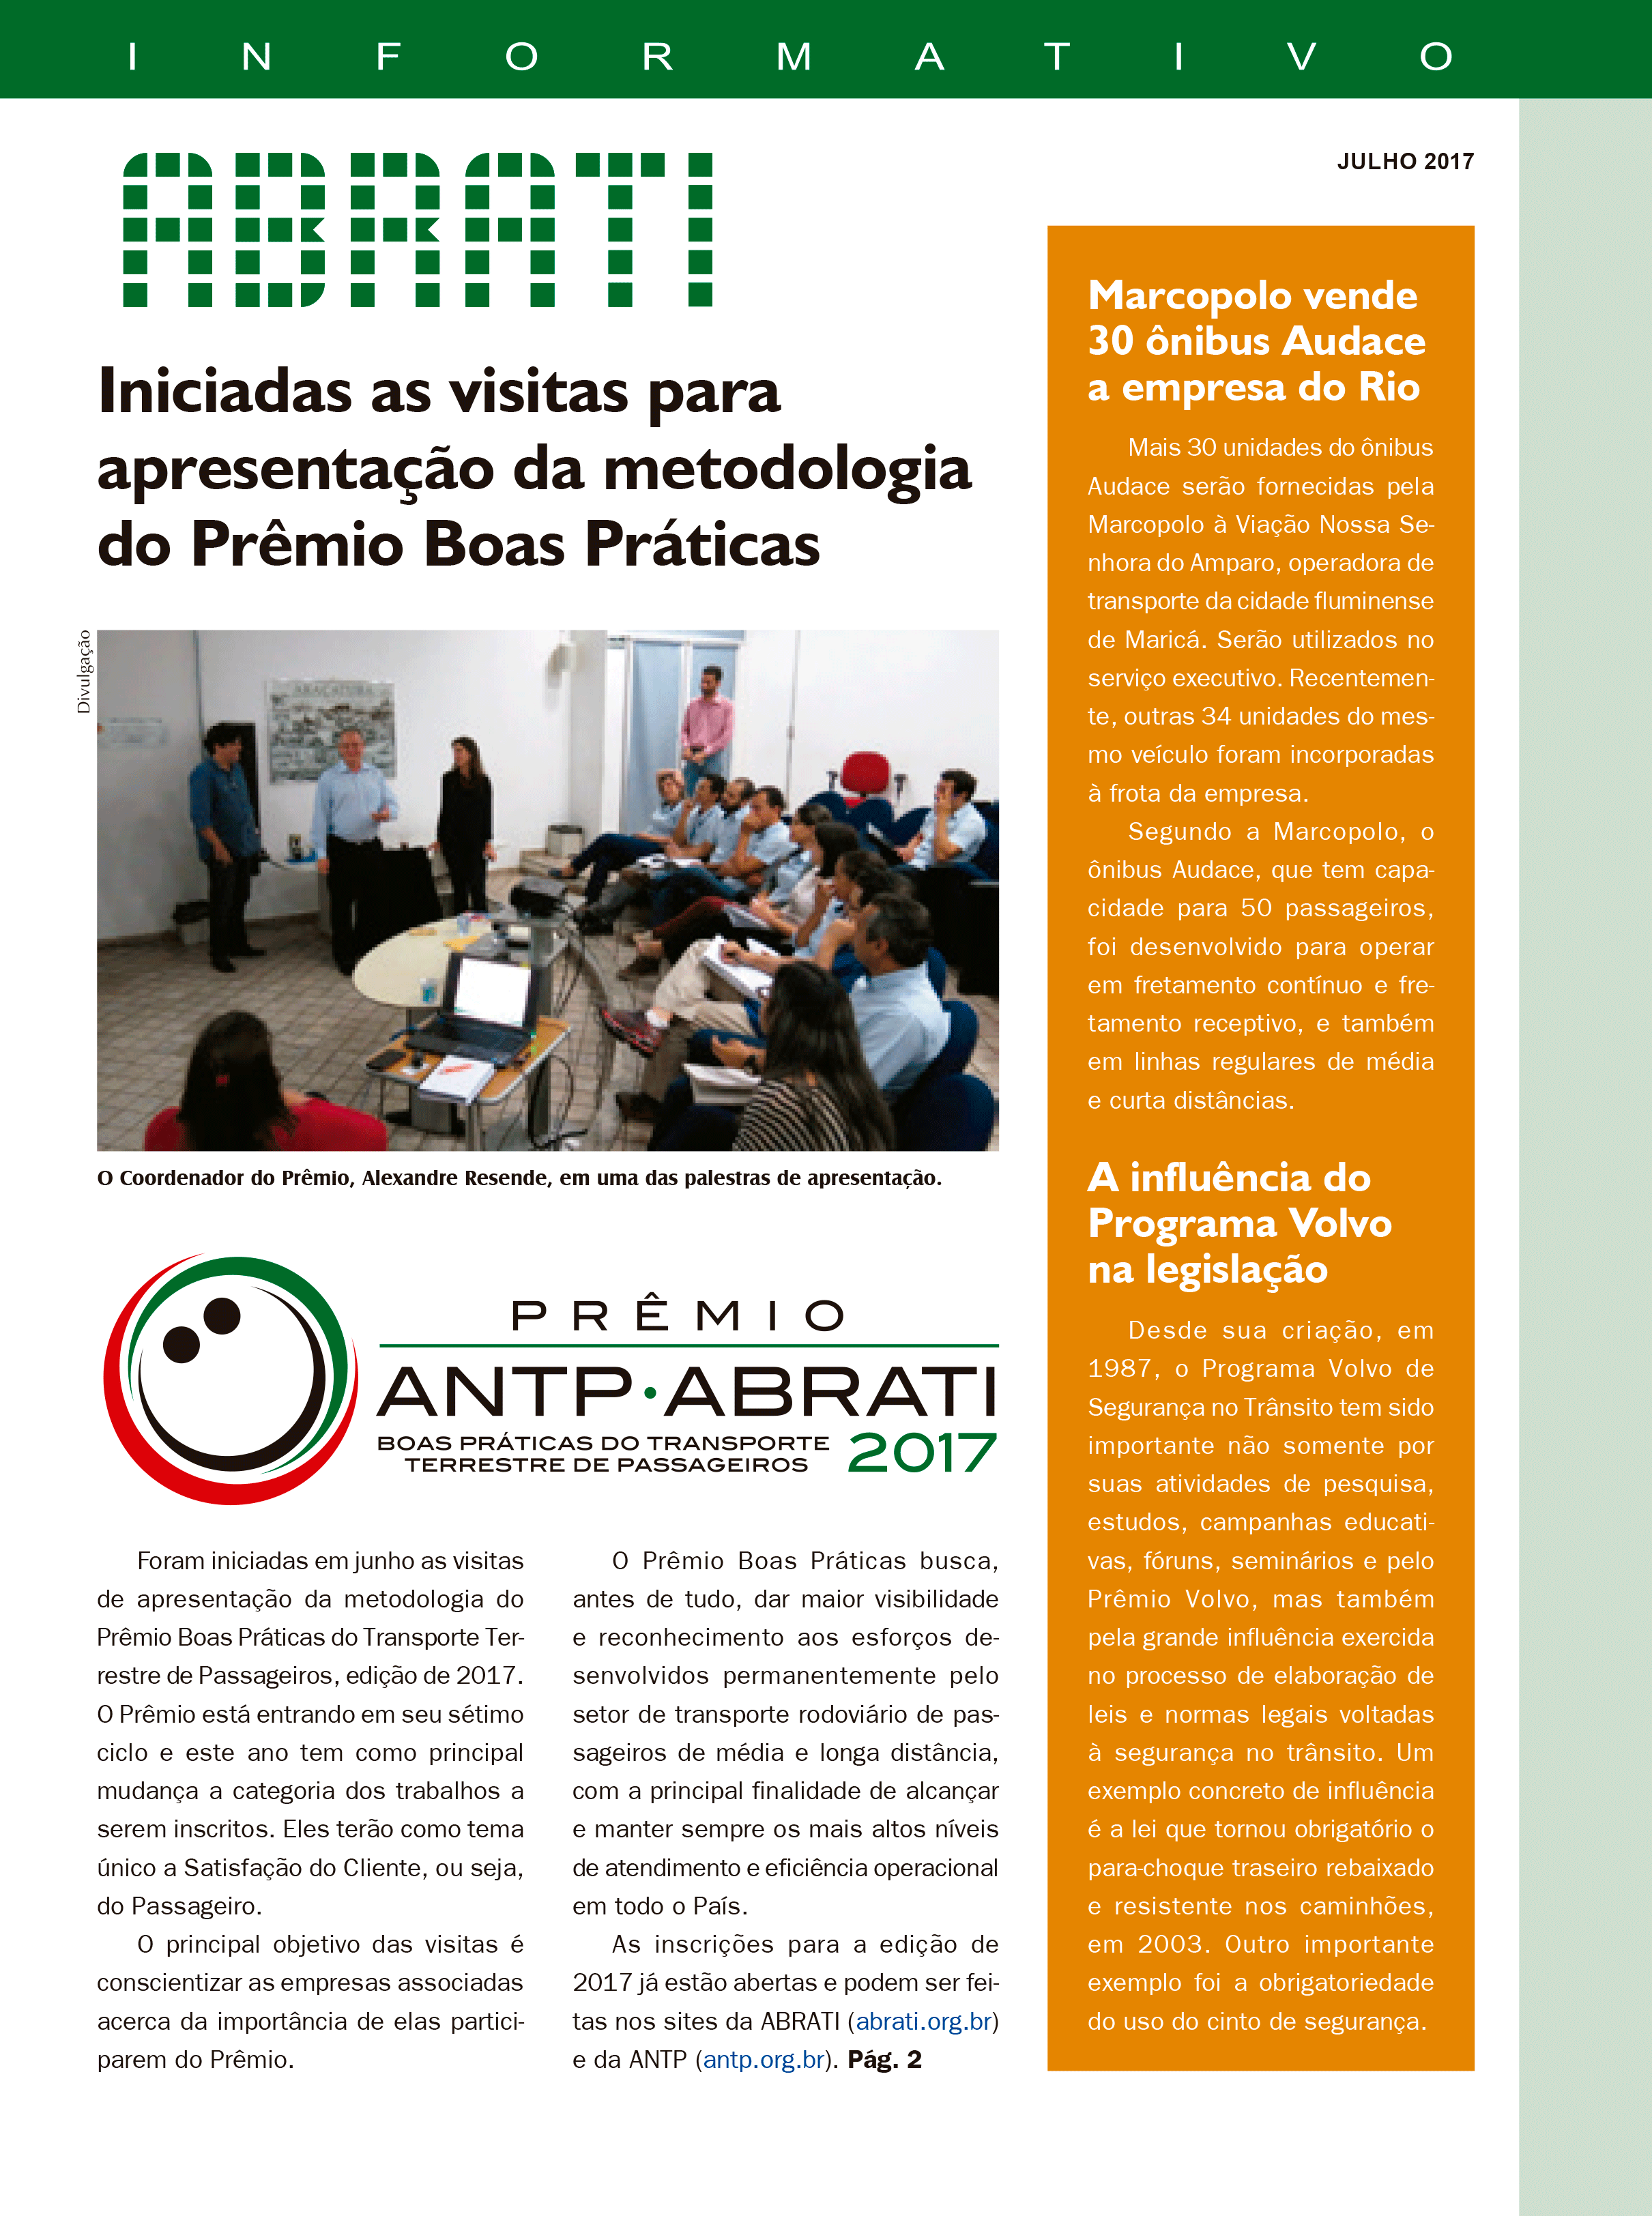 Informativo Julho 2017